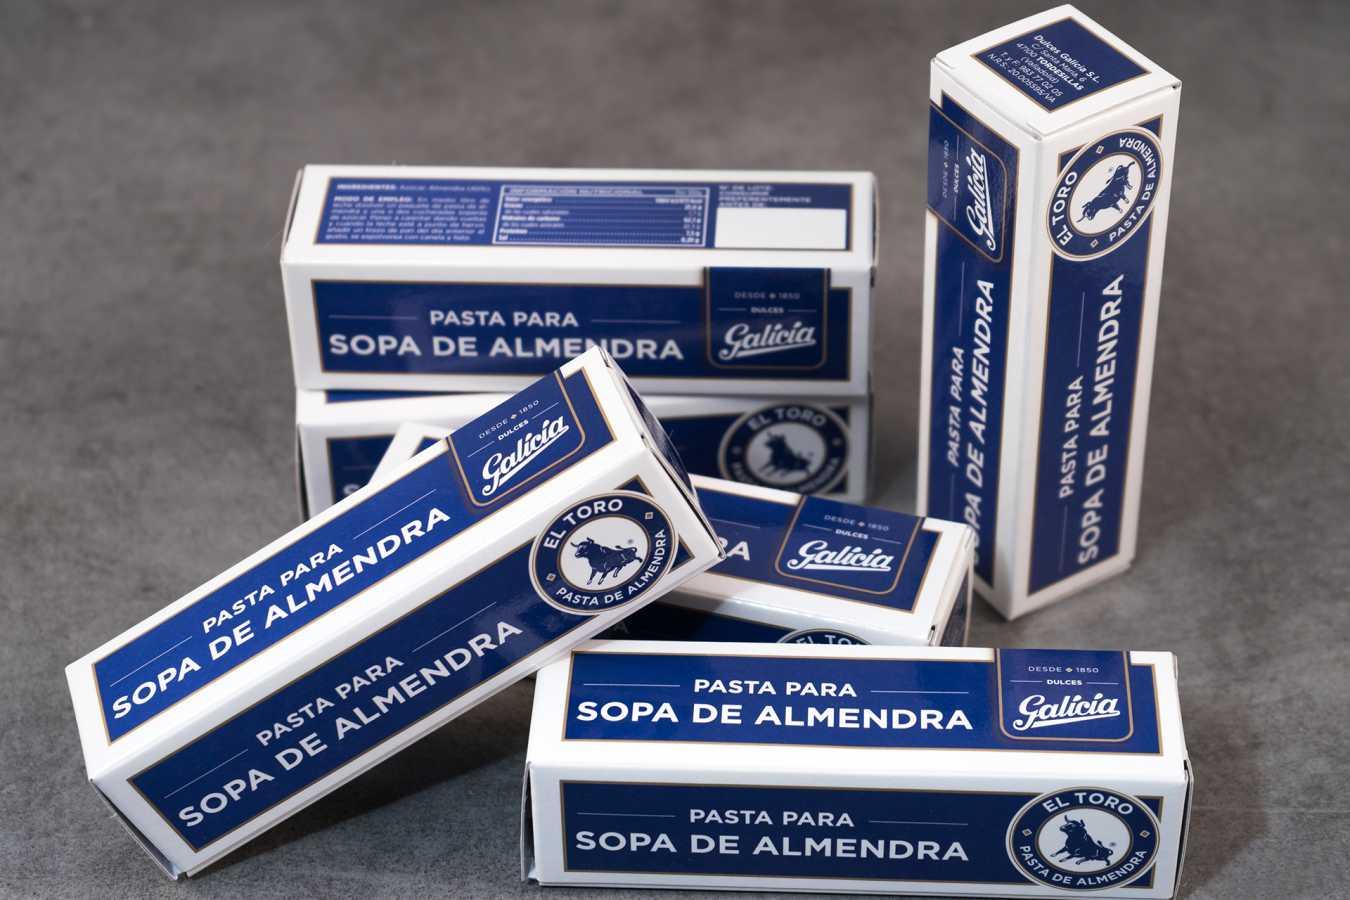 Envases de cartón de pasta para hacer sopa de almendras de dulces Galicia